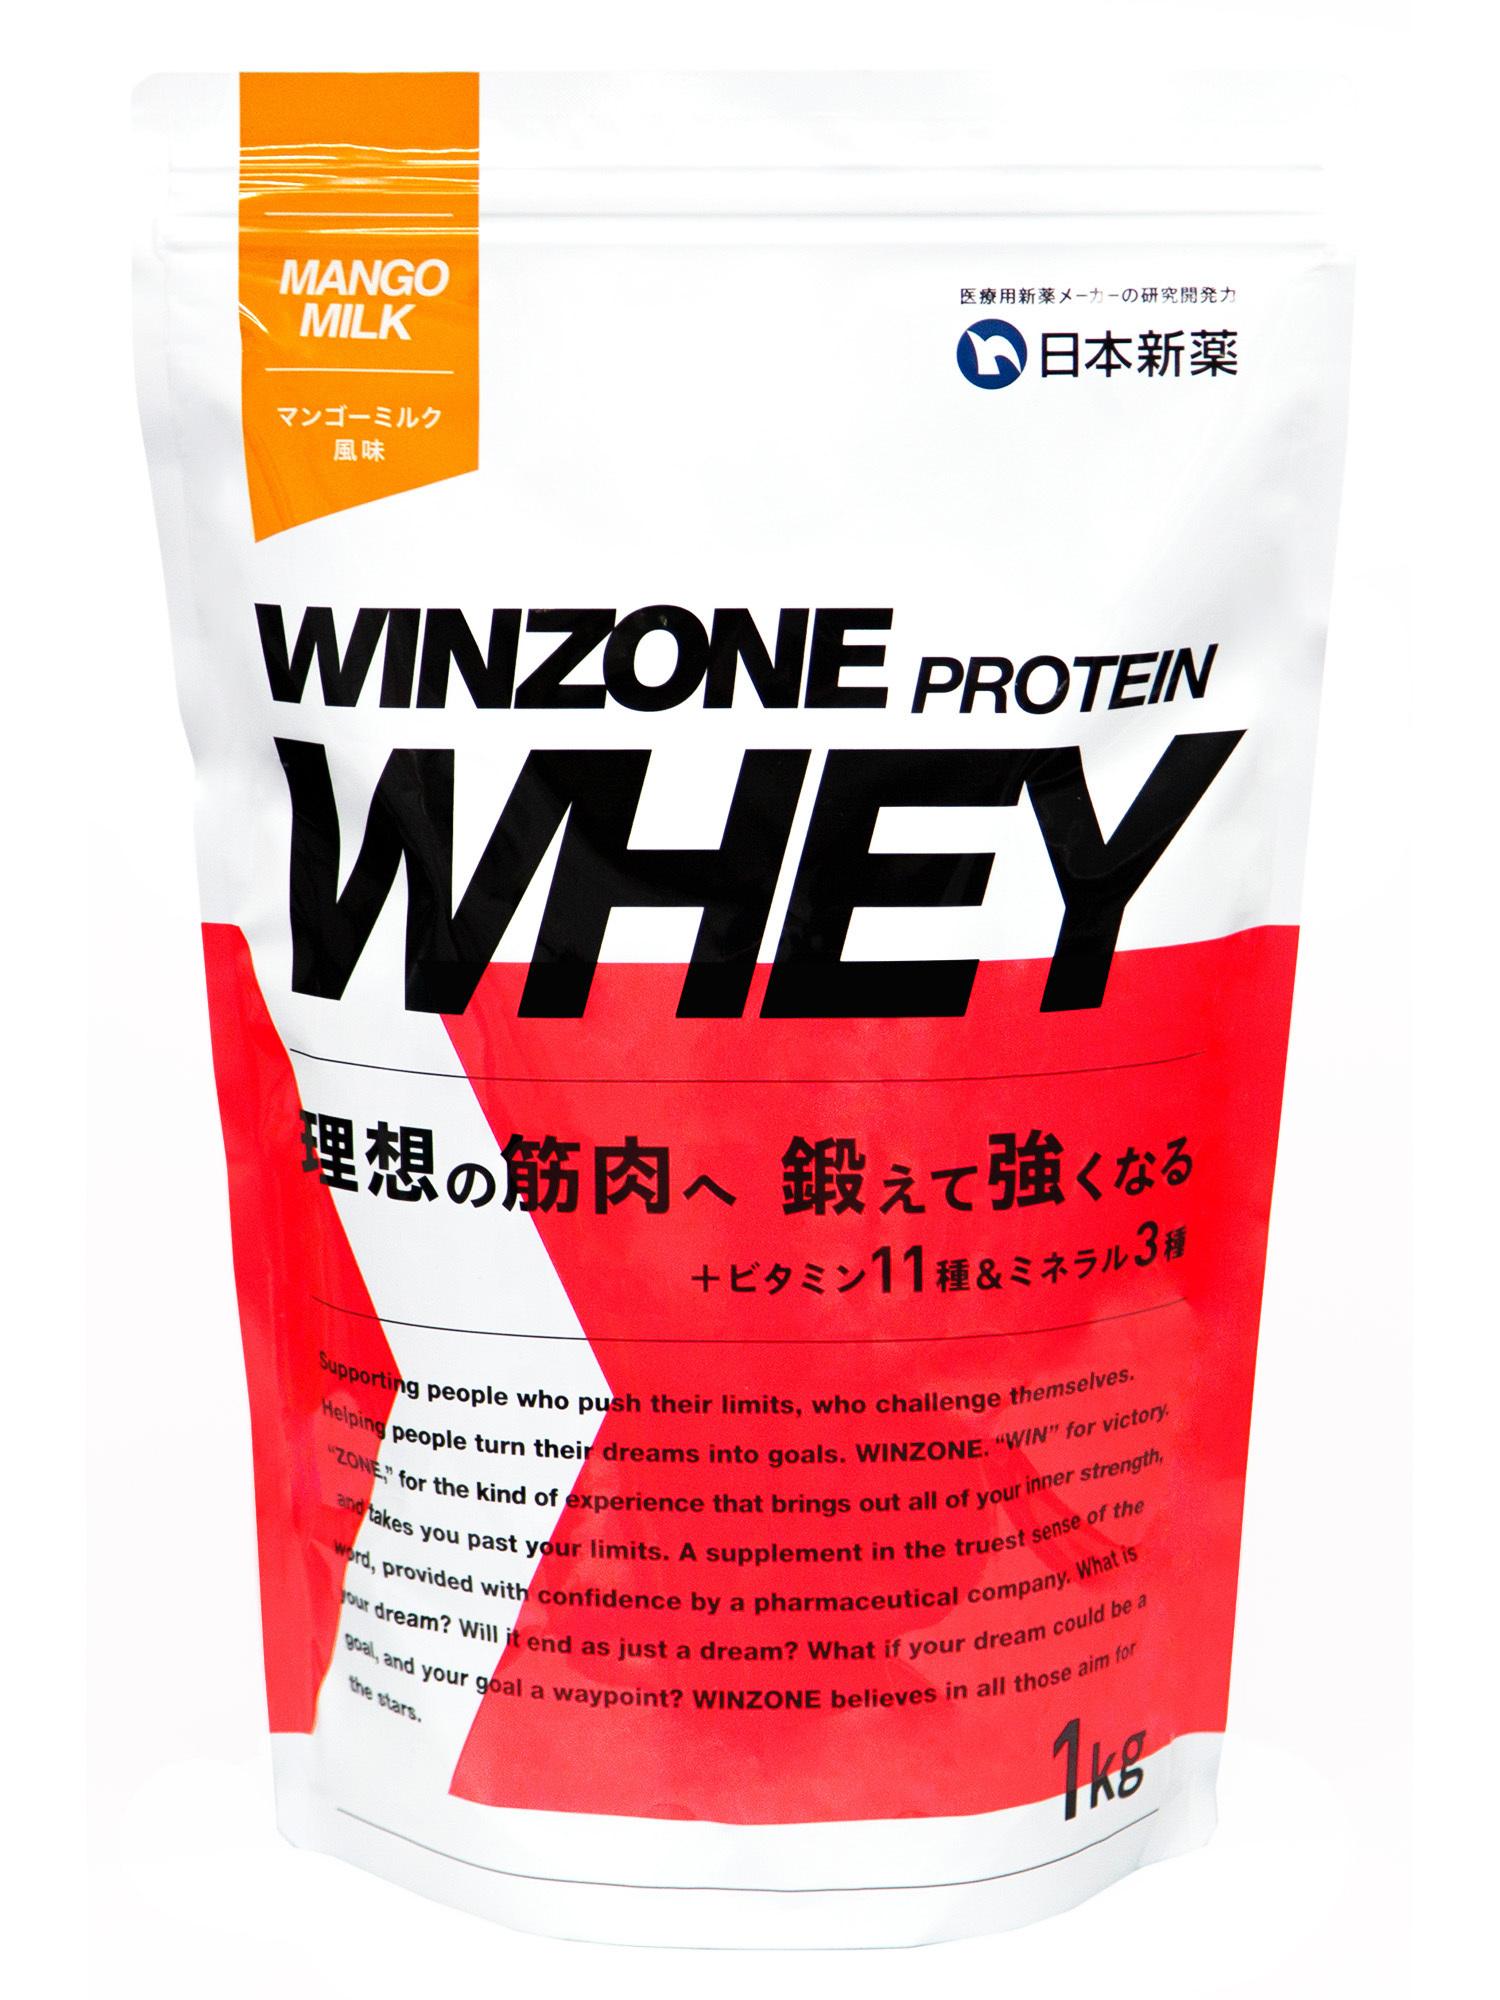 製薬会社のスポーツサプリメント『WINZONE』に新製品登場  ホエイプロテイン マンゴーミルク風味を 5月30日より先行販売スタート